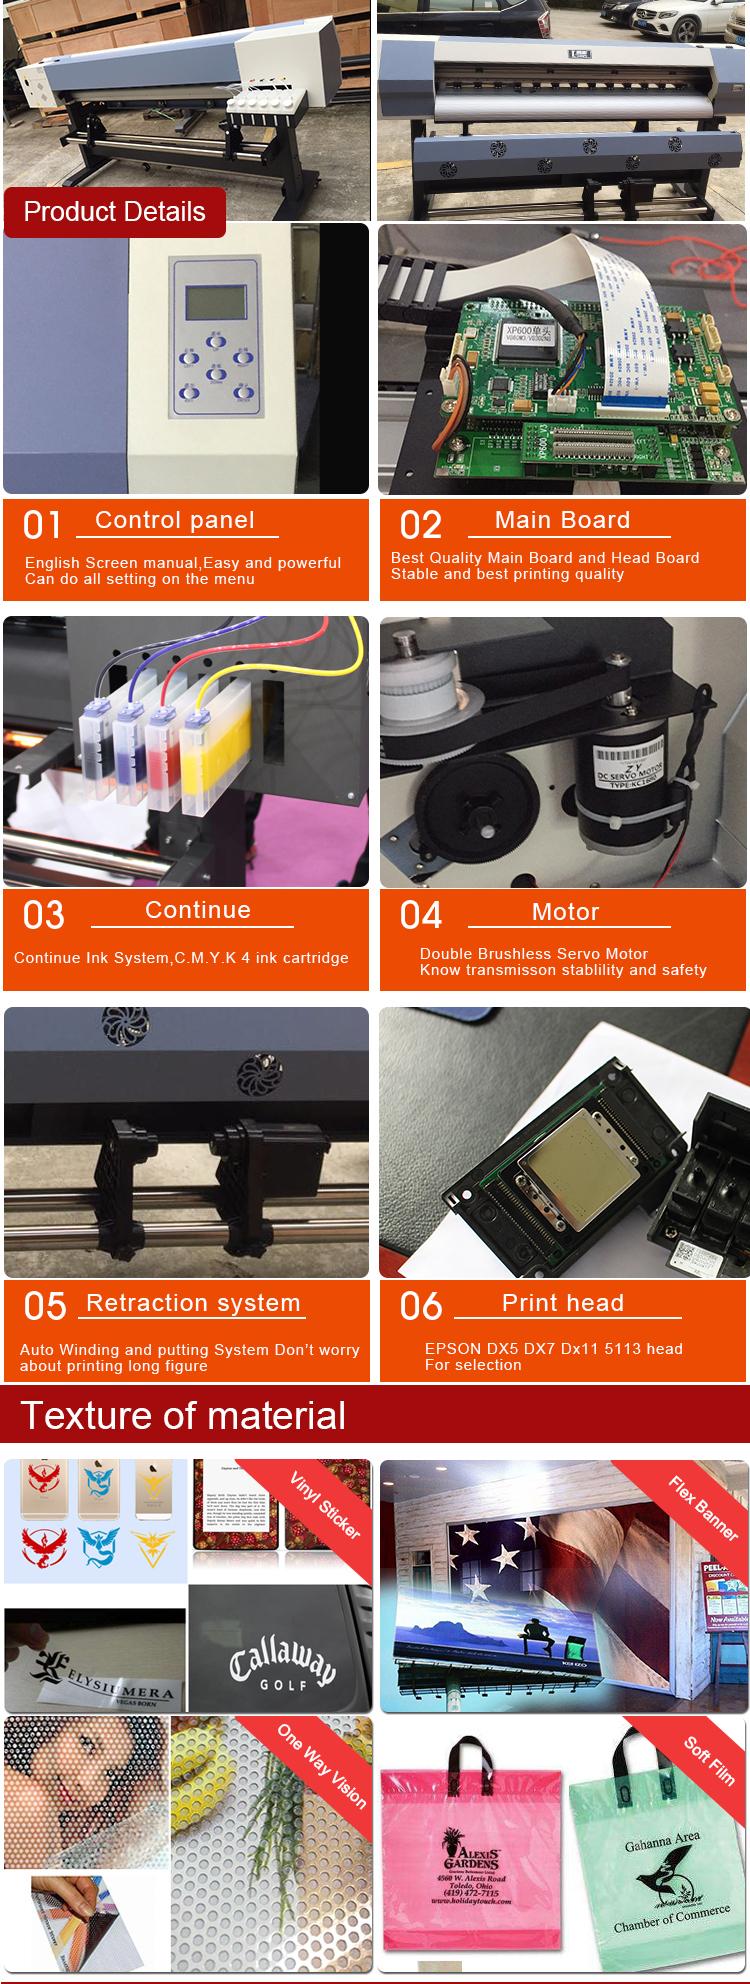 Fabrika fiyat 1.8m eko solvent katlanabilir pankart/vinil/etiket yazıcı BASKI MAKİNESİ